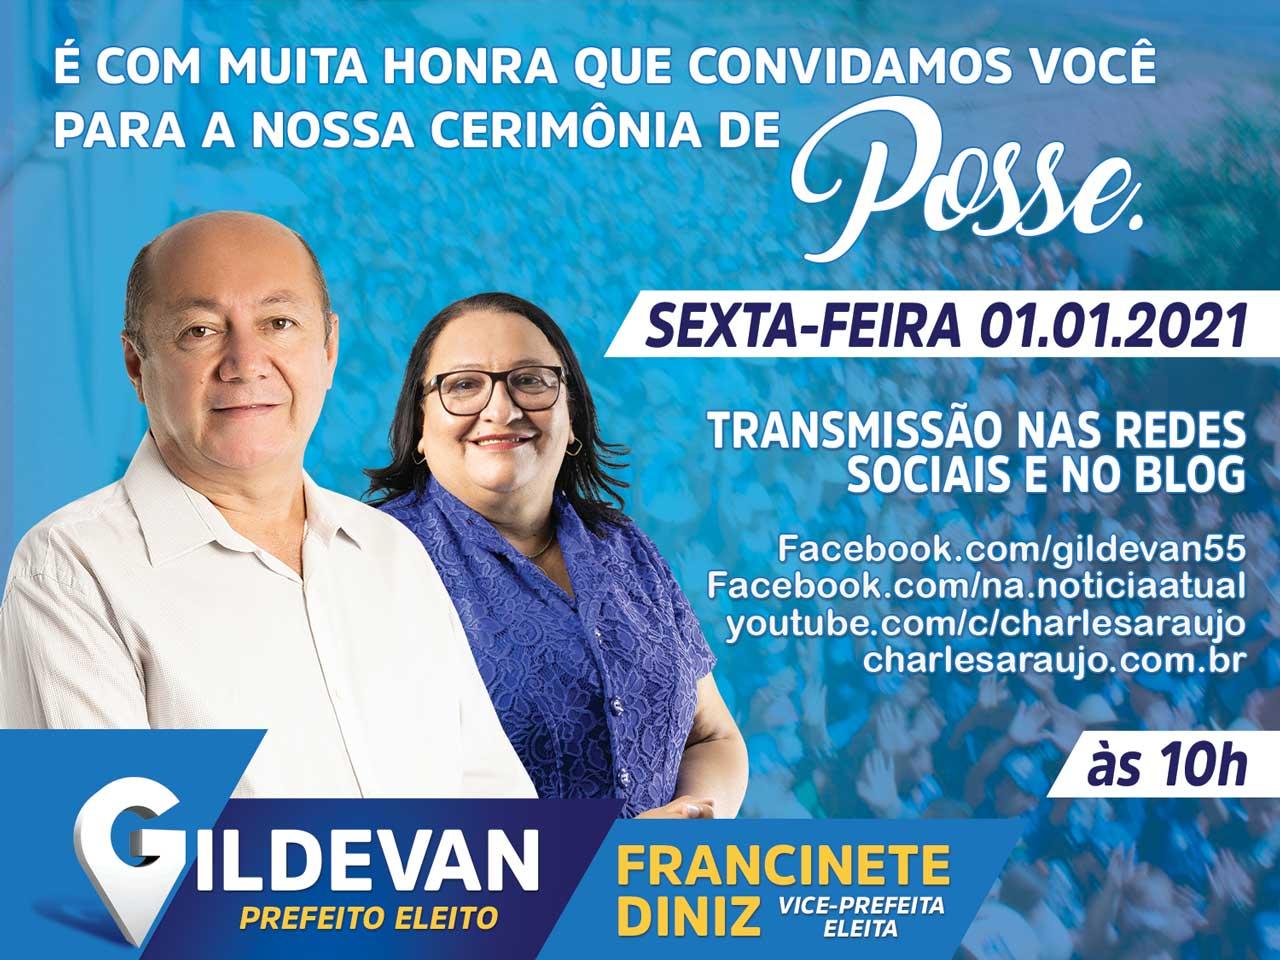 Gildevan Melo e Francinete Diniz convidam para a Cerimônia de…